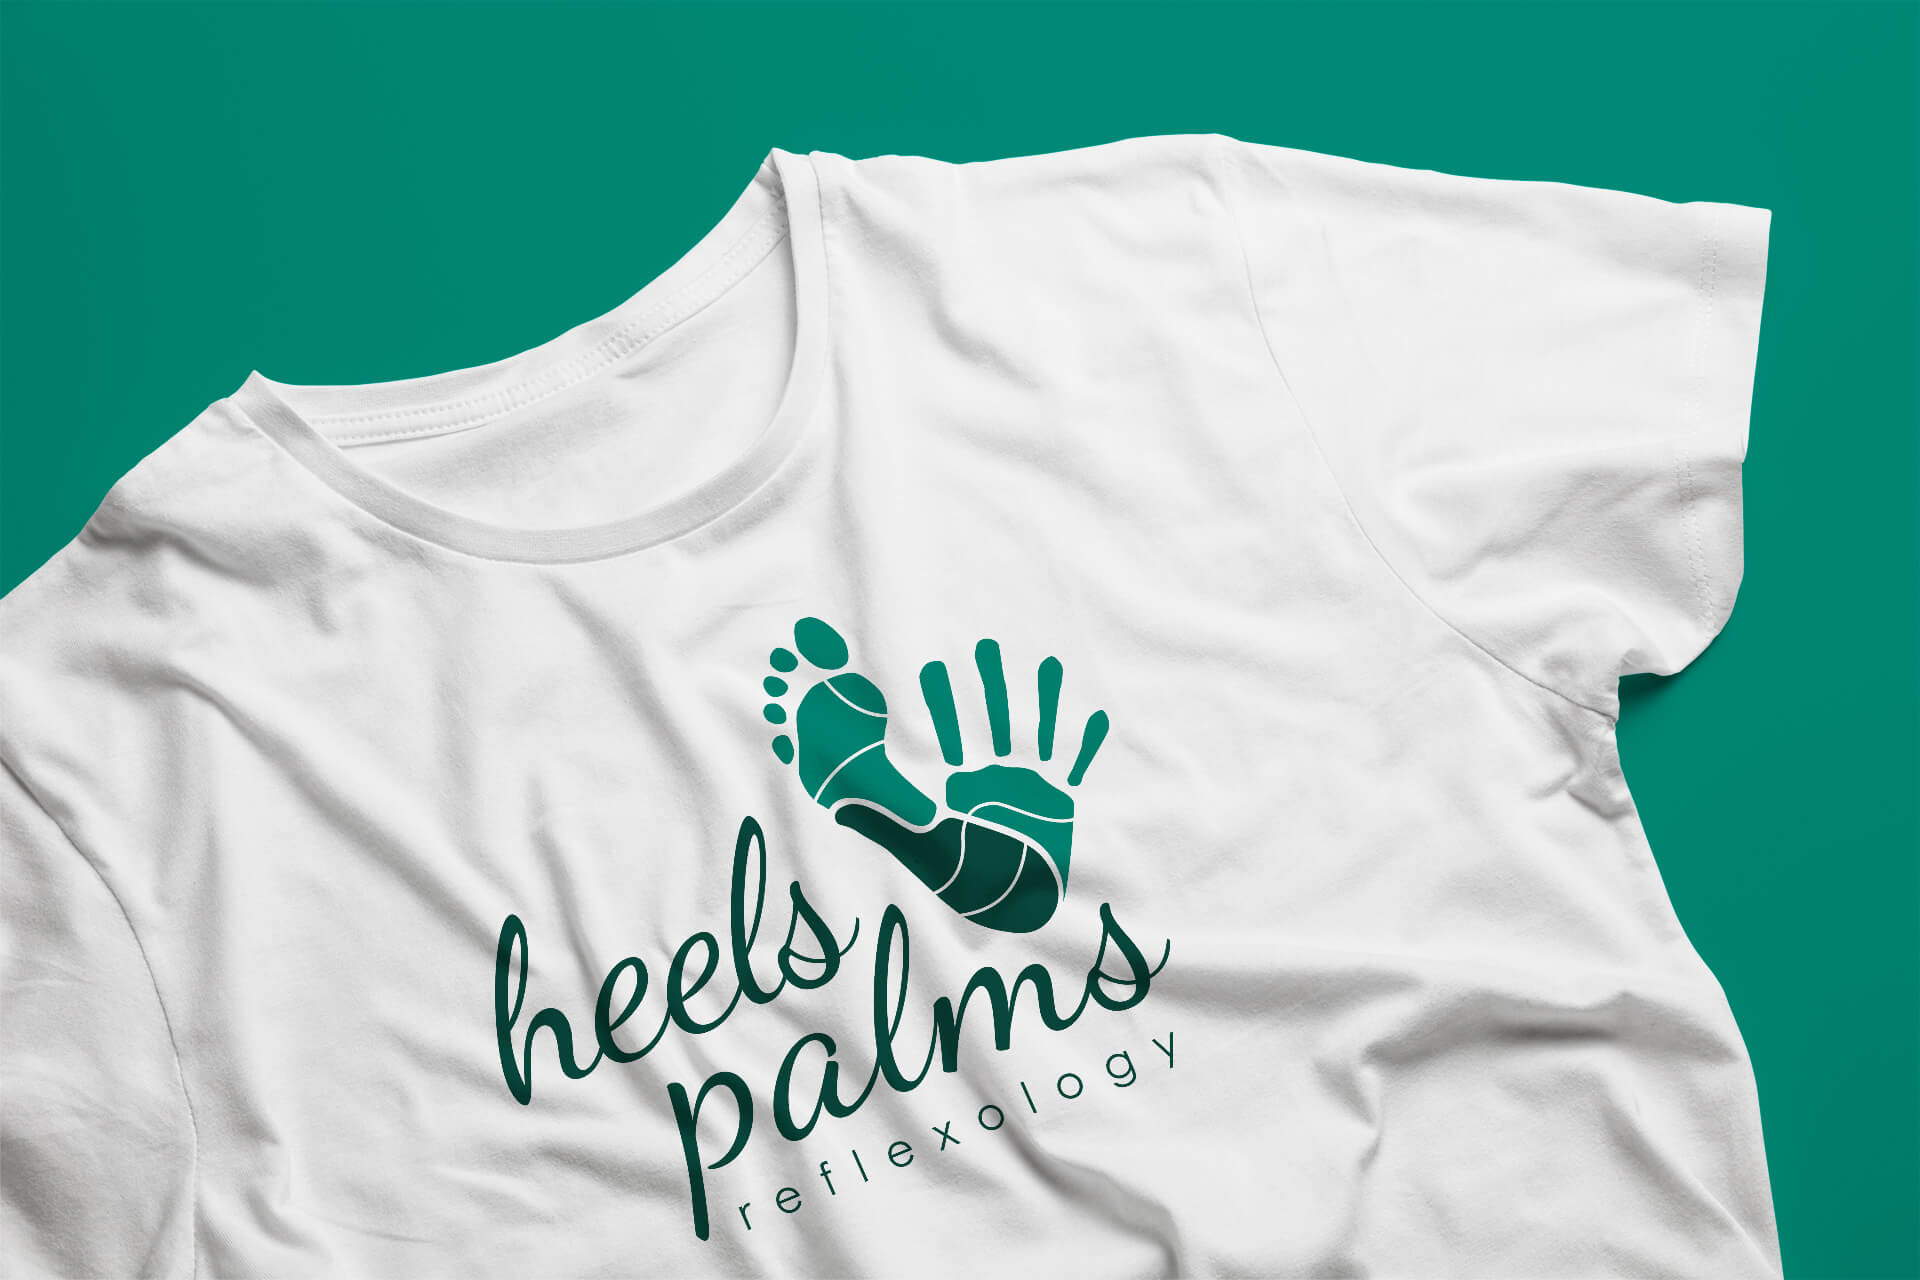 heels-palms-reflexology-t-shirt